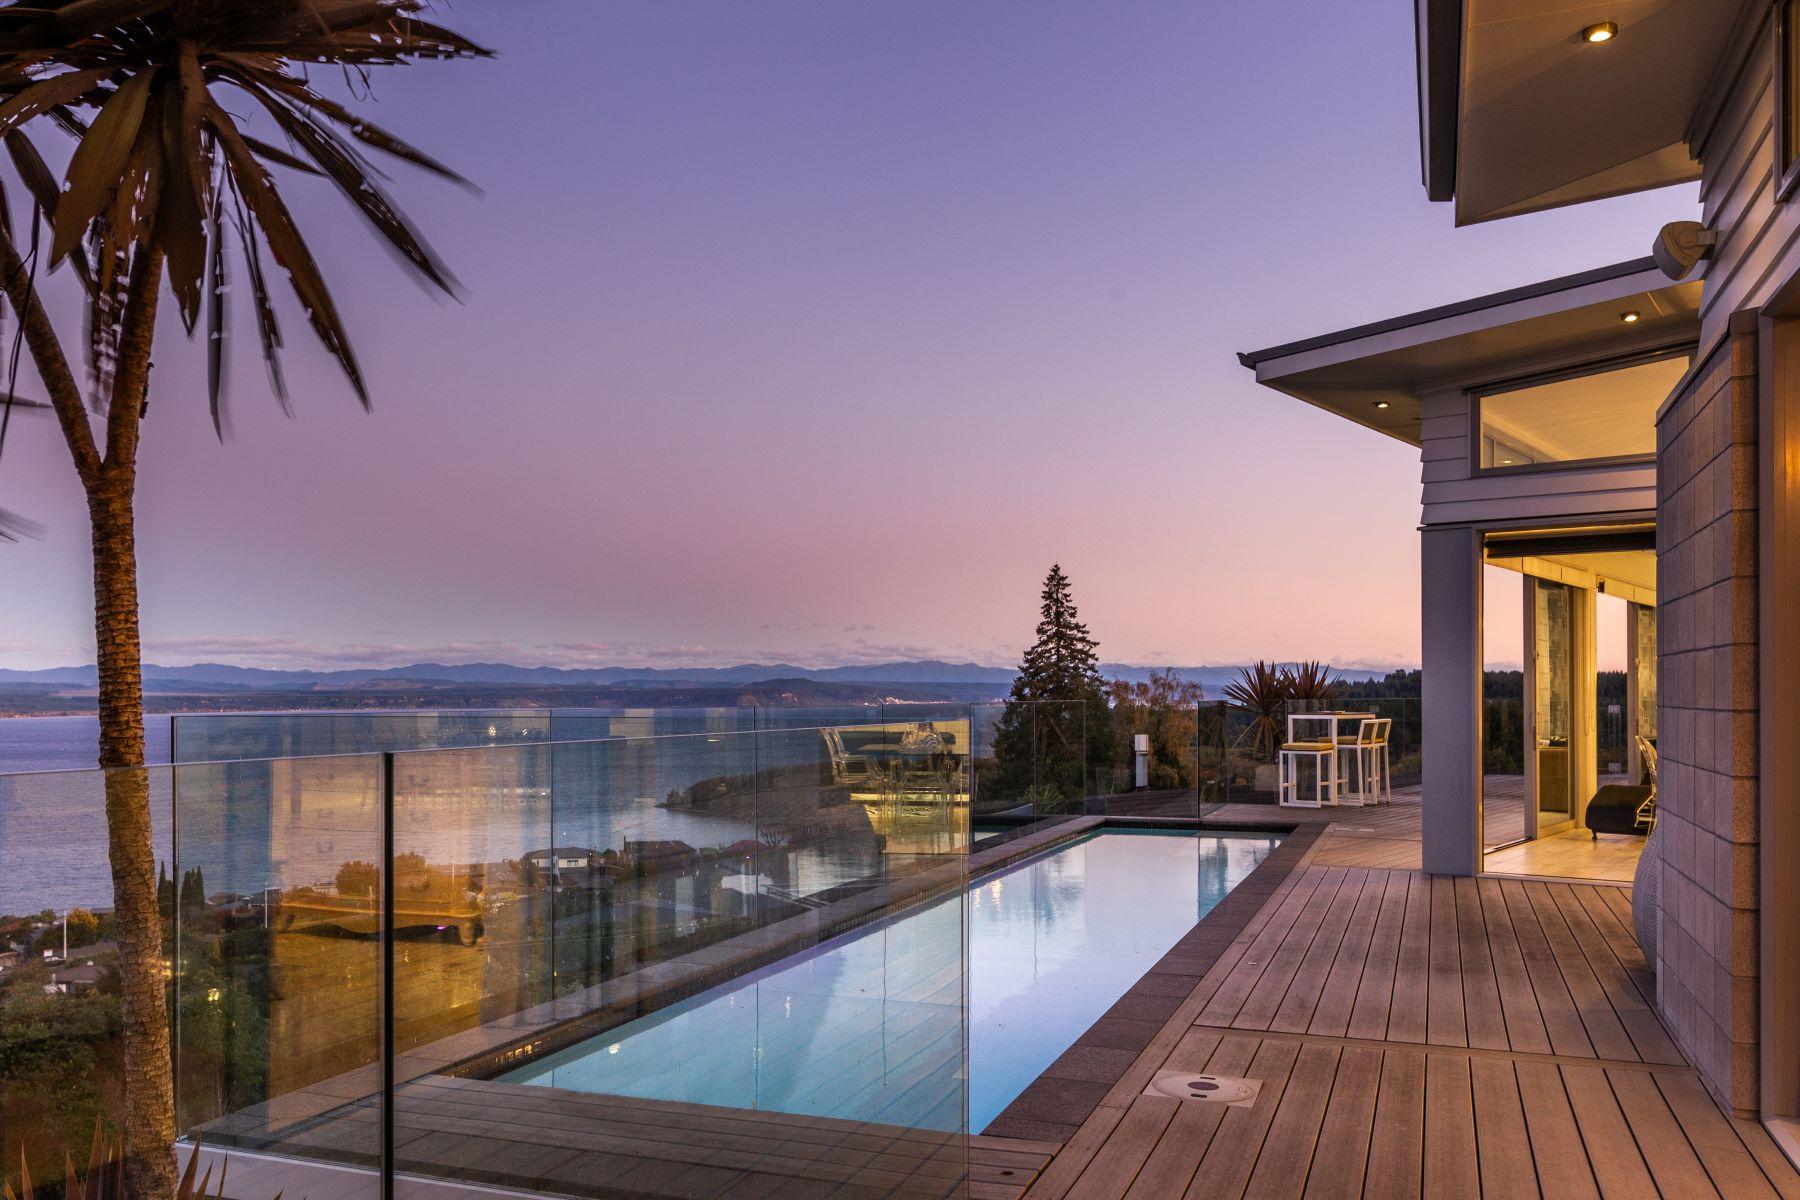 Single Family Homes for Sale at 50 Mapara Road, Acacia Bay, Taupo Taupo, Waikato New Zealand